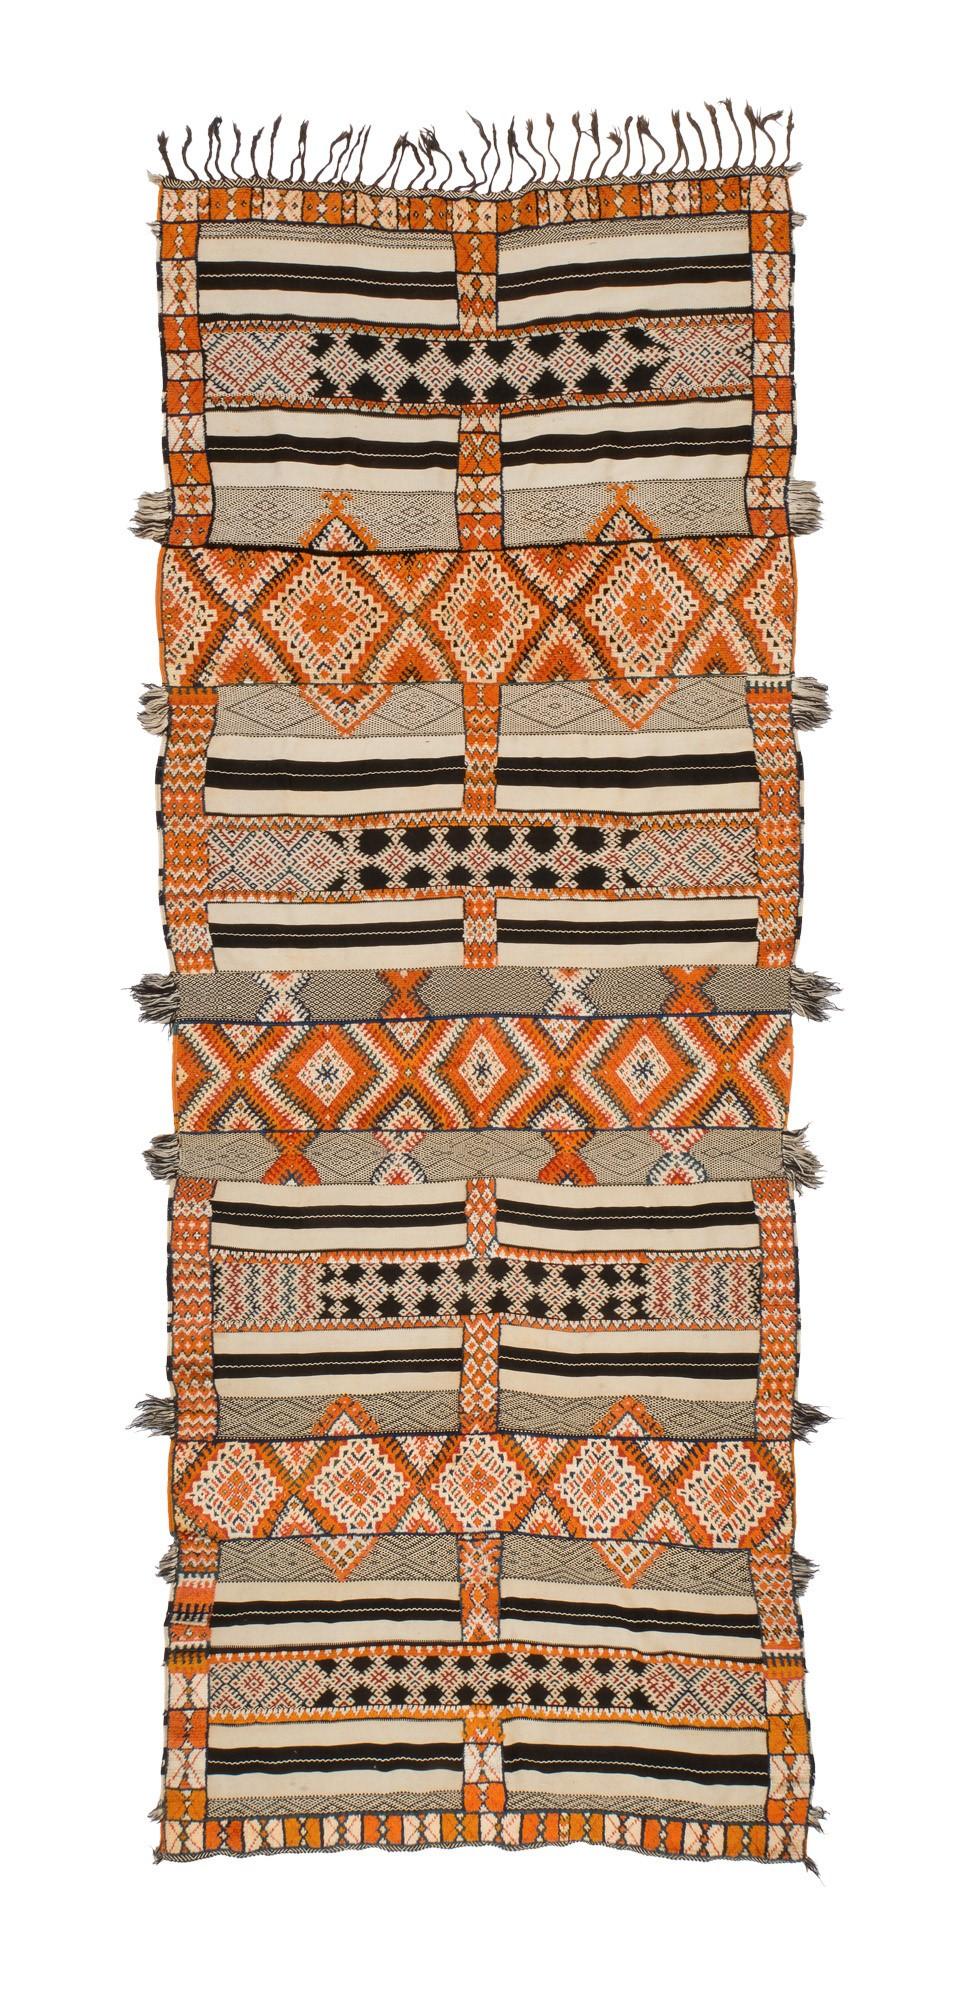 Ait Ouaouzguite mixed technique prestige textile 'Glaoui'